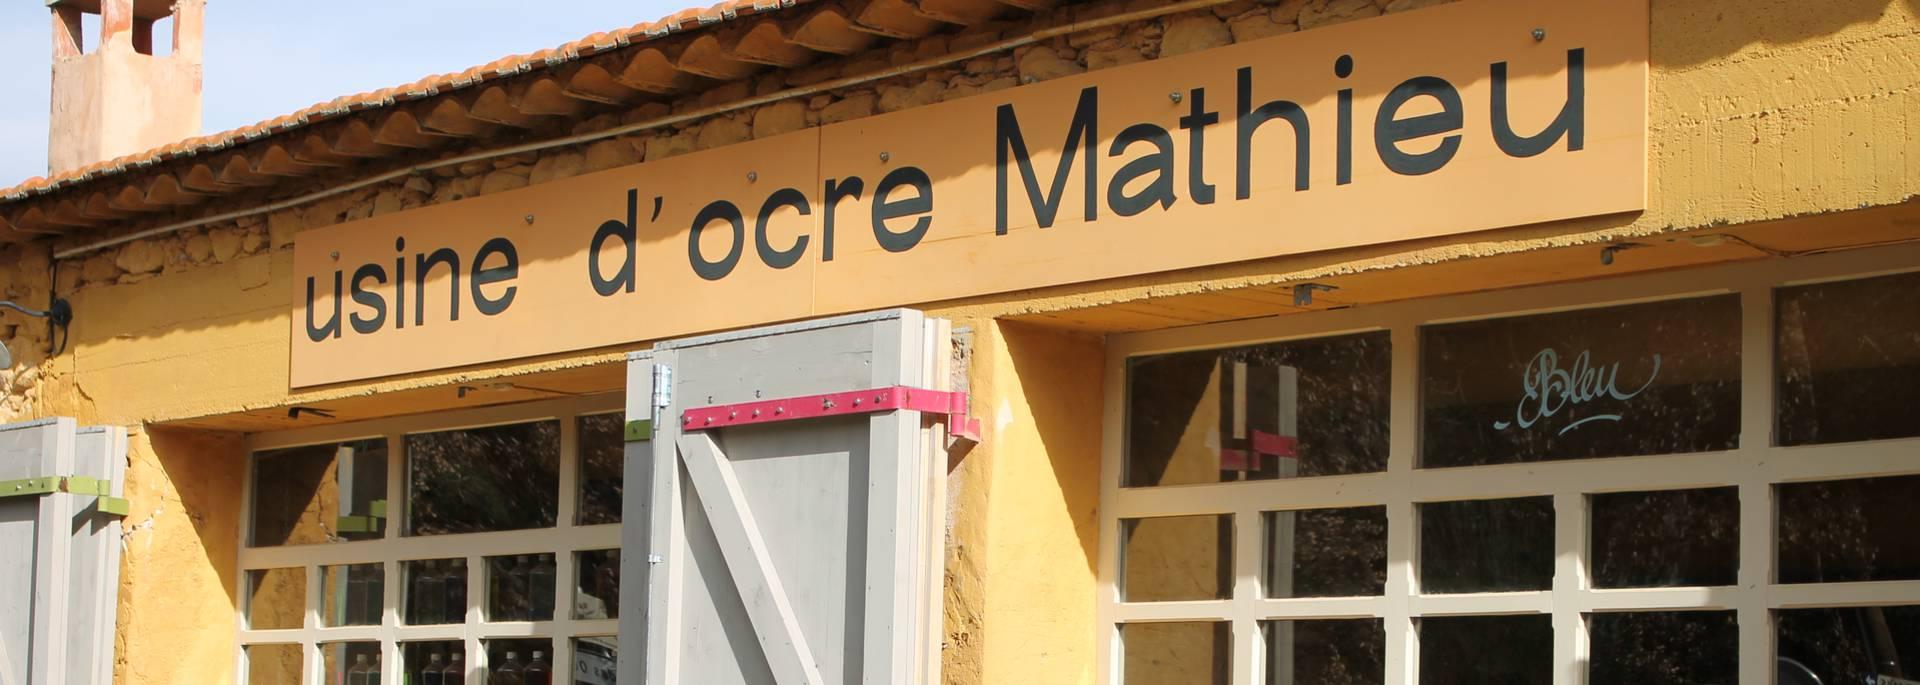 Usine d'Ocre Mathieu